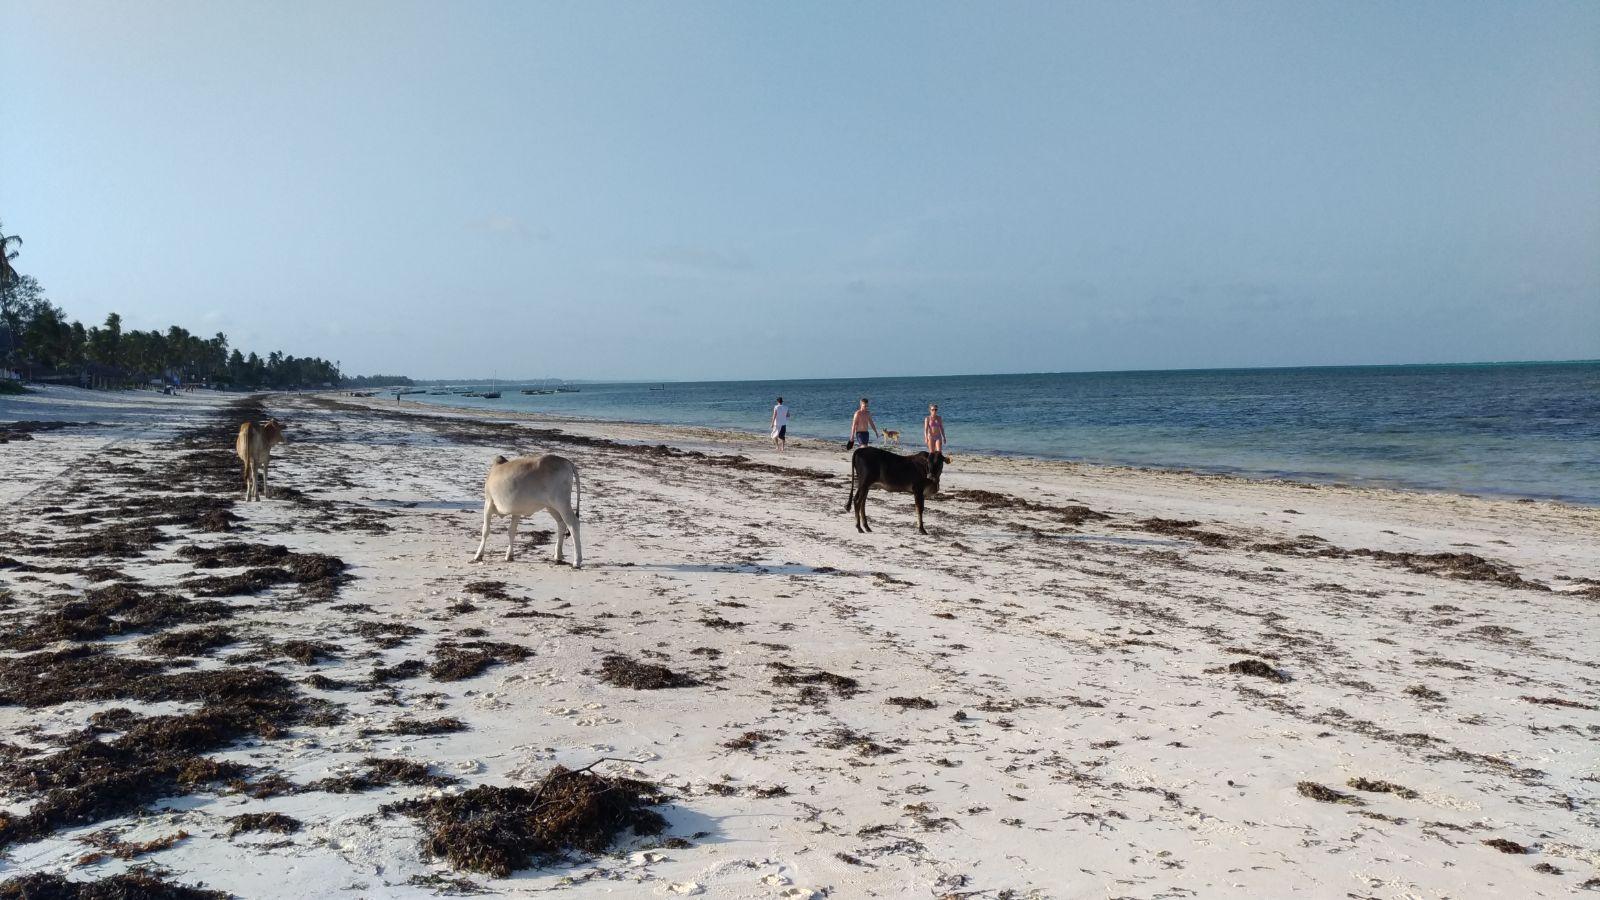 Consigli Guida PochissimoLa Zanzibar Andare Spendendo Dieci A Per hrtQxodBsC